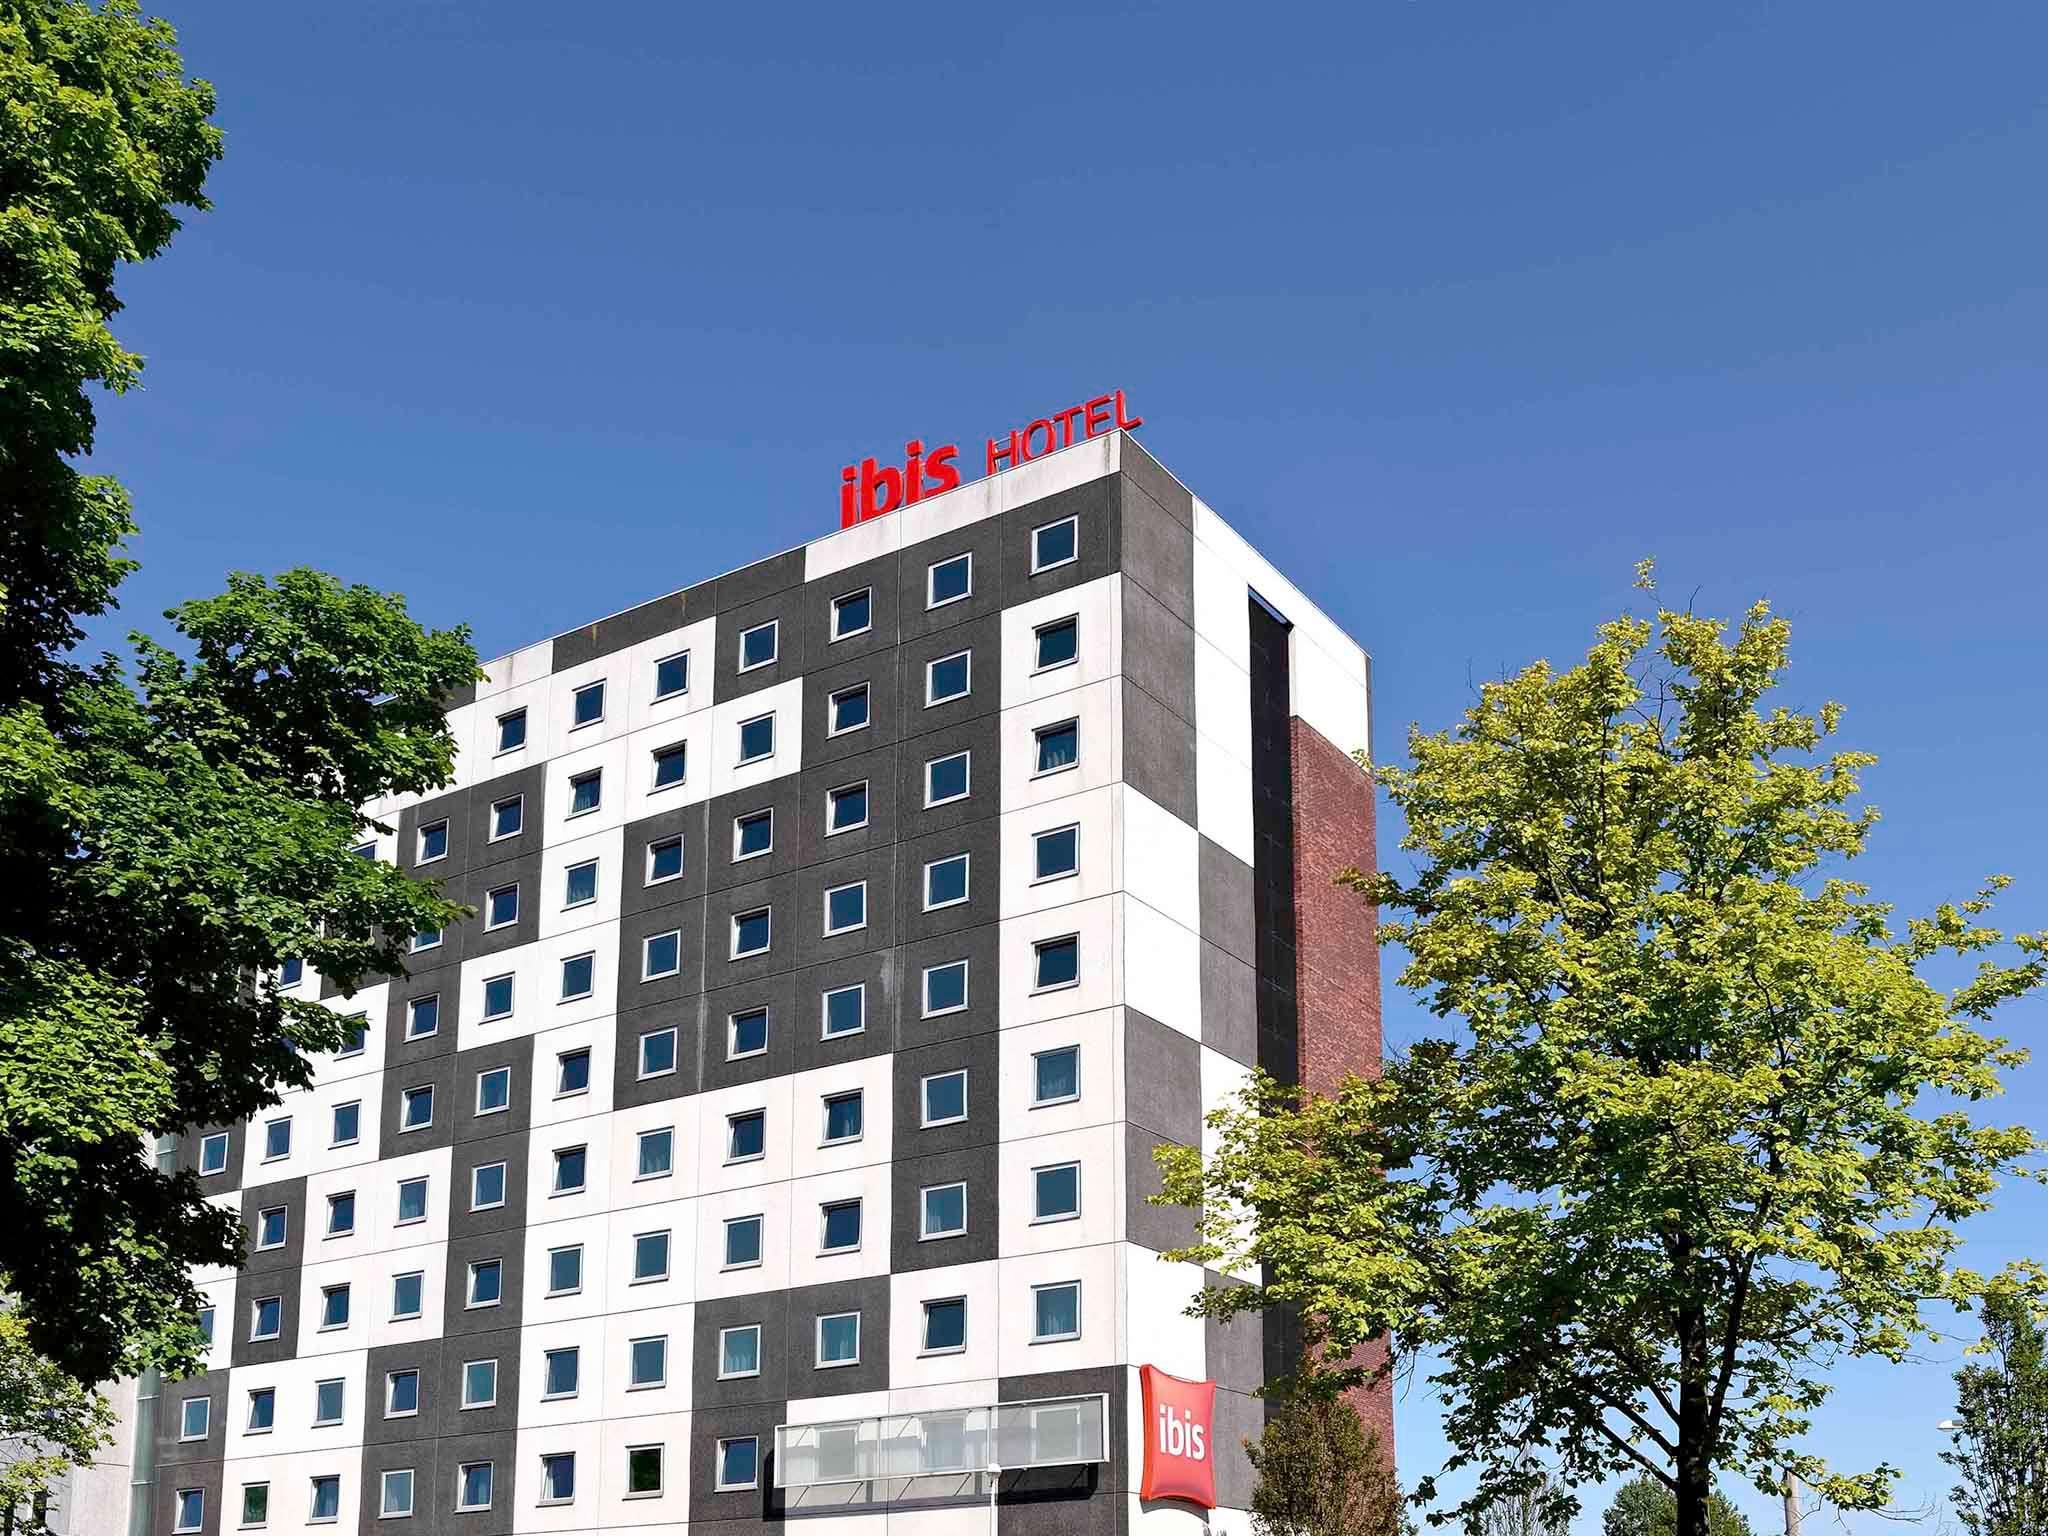 โรงแรม – ไอบิส อัมสเตอร์ดัม ซิตี้ เวสต์